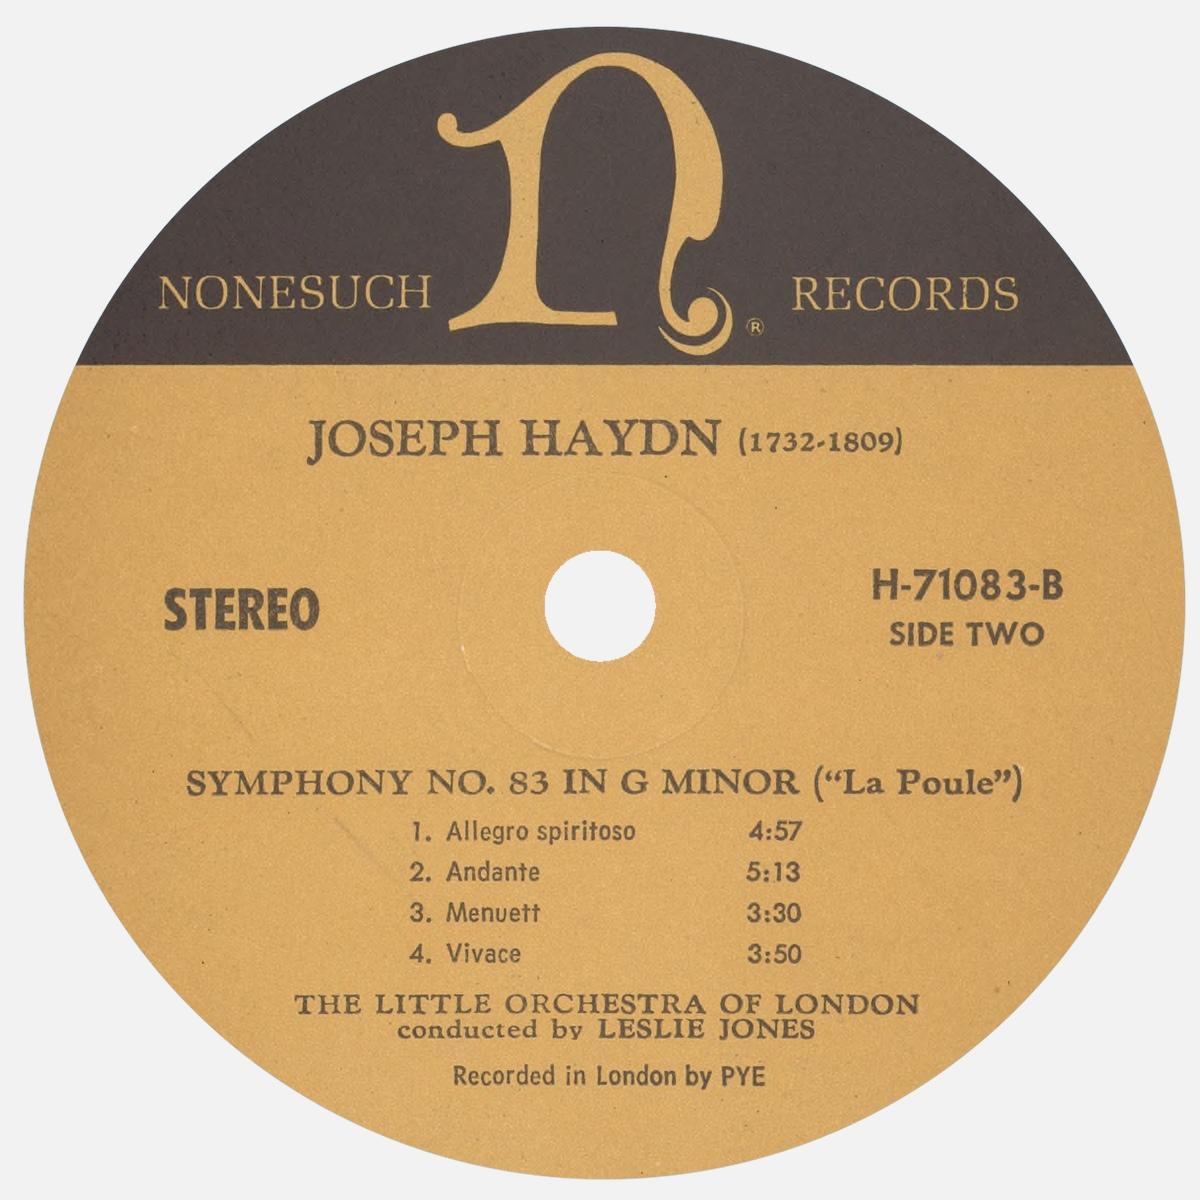 Étiquette verso du disque Nonesuch H-71083